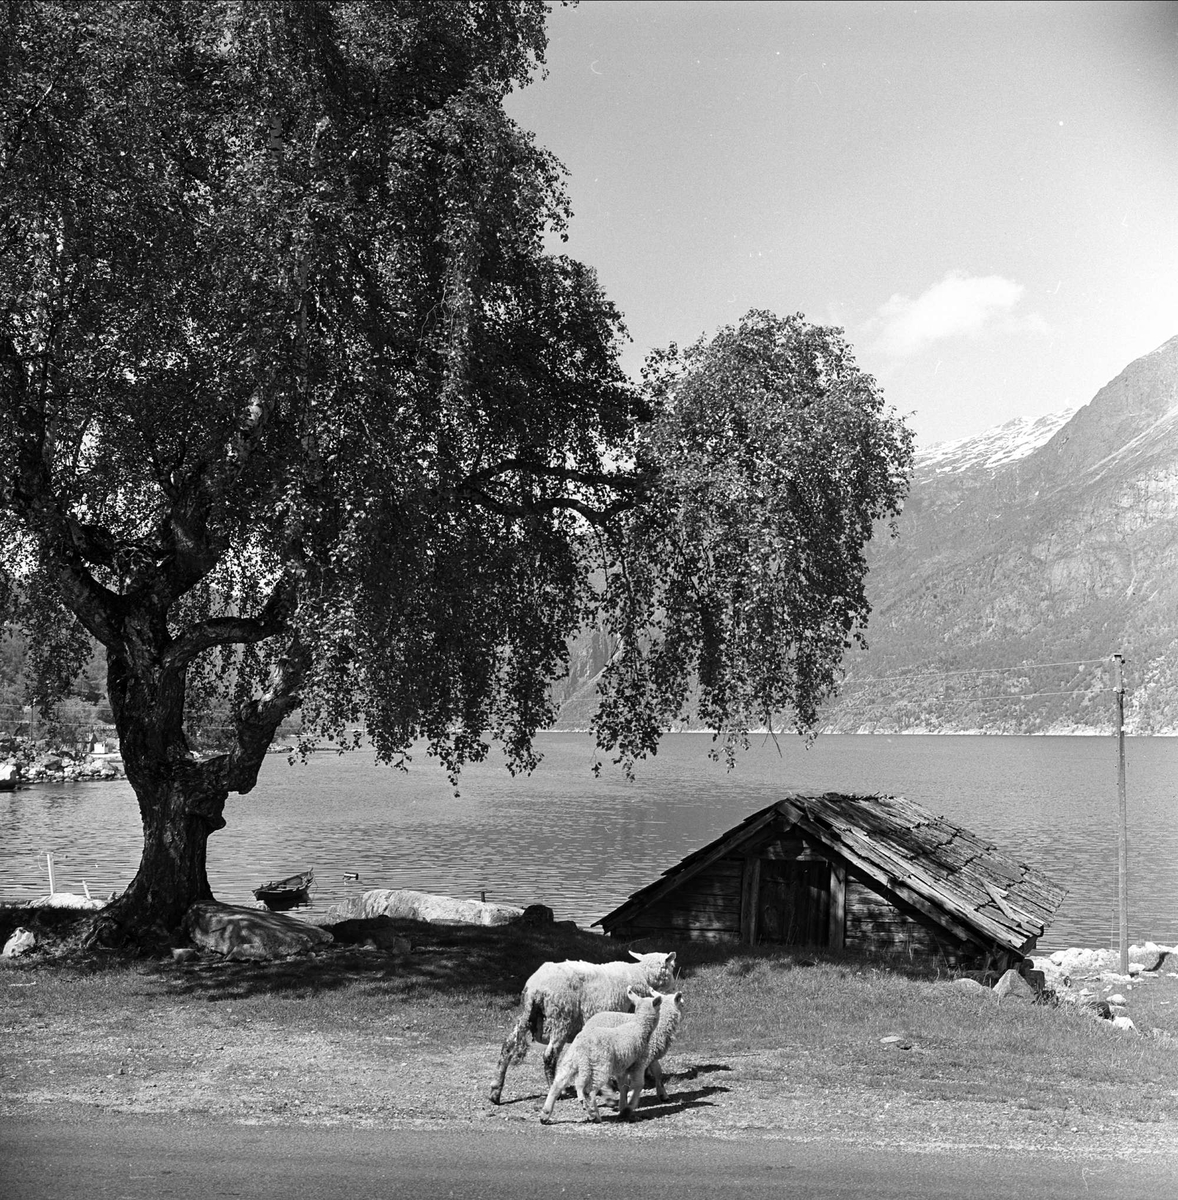 Sørfjorden i Hardanger, Hordaland, mai 1963. Sau med lam, stort tre og naust ved havet.